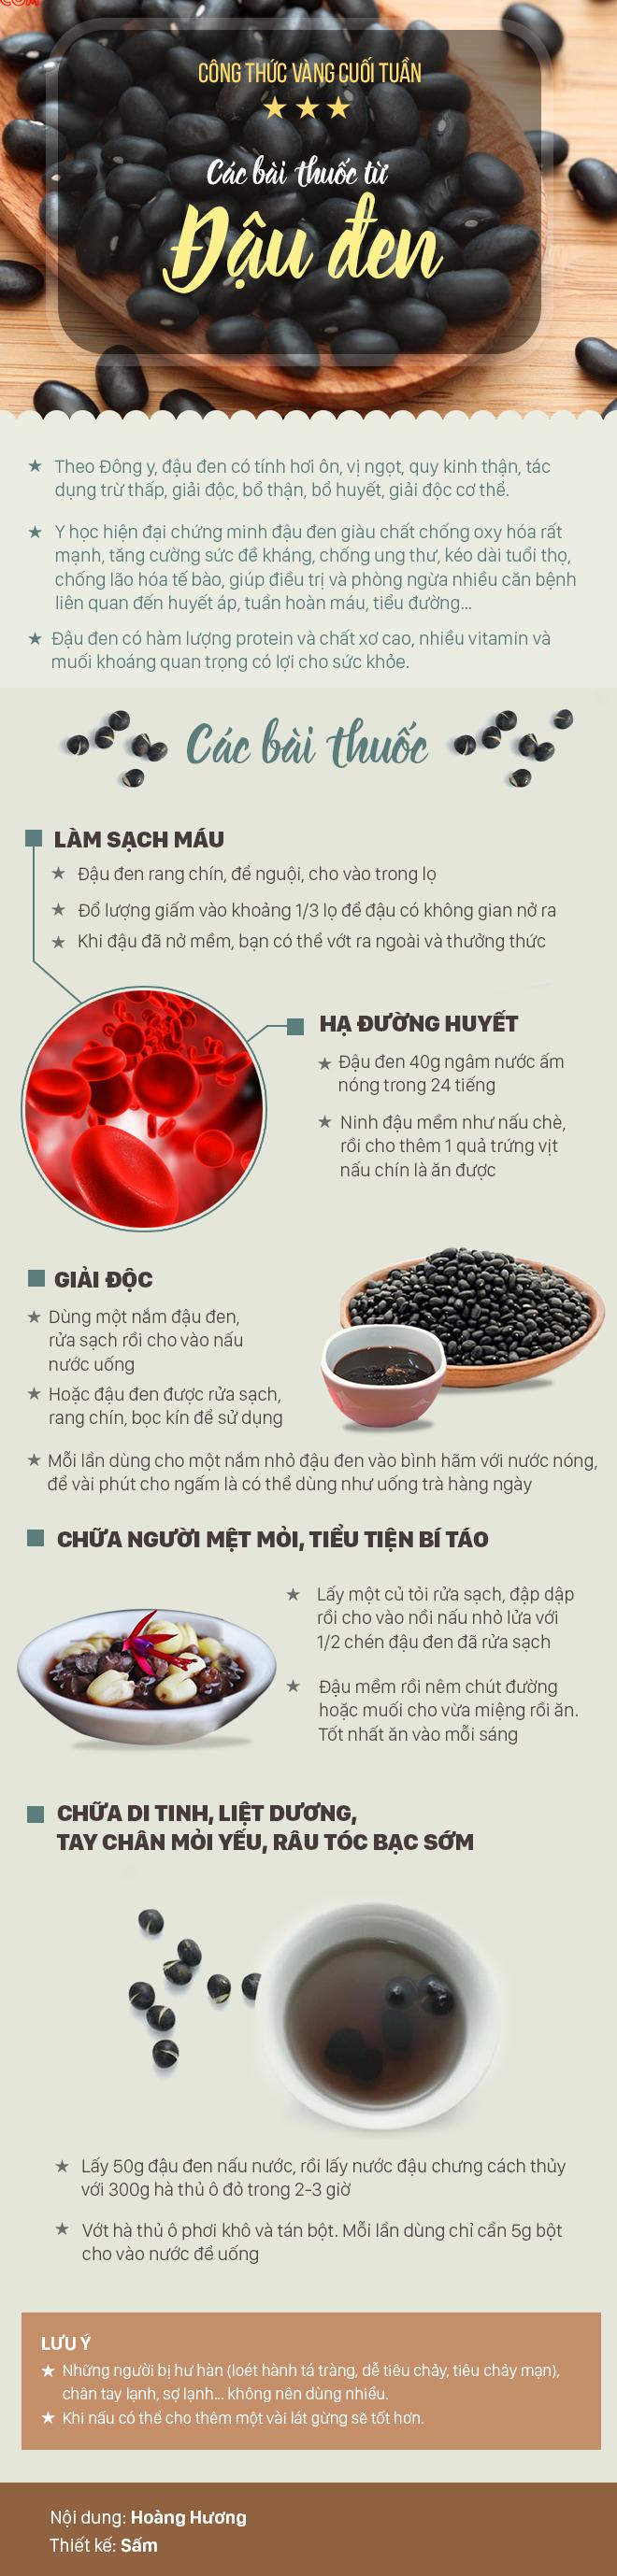 Bài thuốc làm sạch máu, hạ đường huyết và chữa liệt dương từ đậu đen: Rẻ nhưng hiệu quả - Ảnh 1.